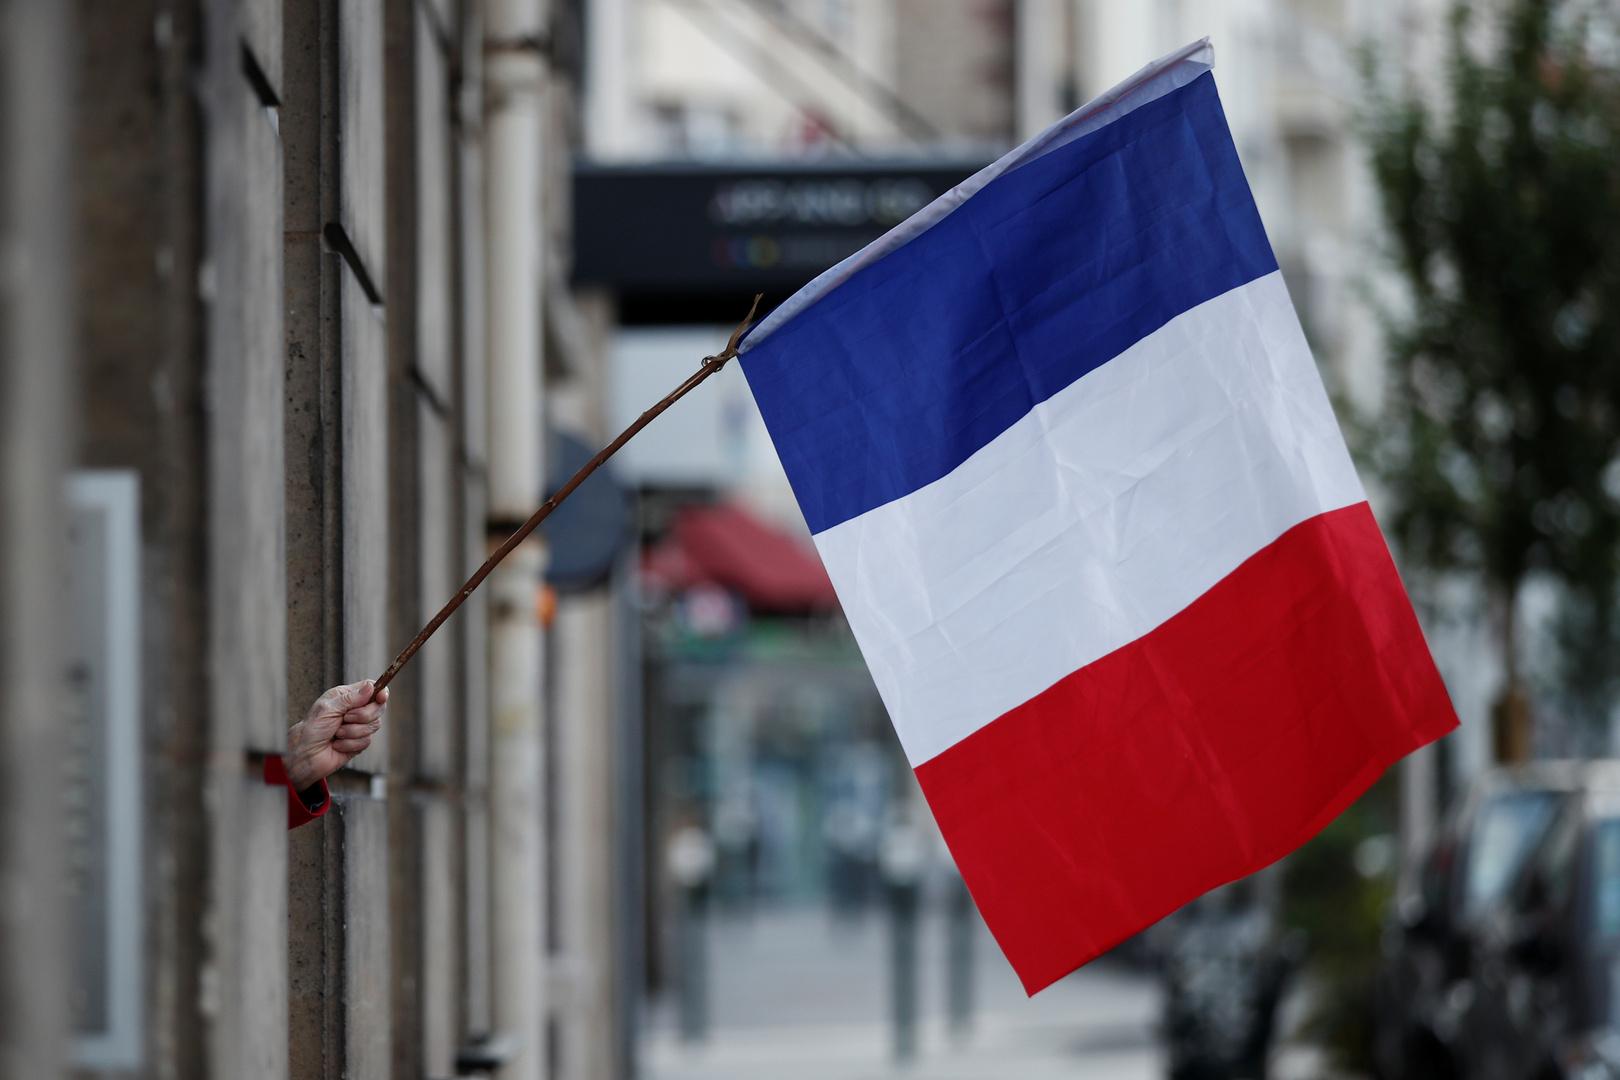 مسؤول فرنسي: البلاد ستواجه على الأرجح موجة رابعة من كورونا